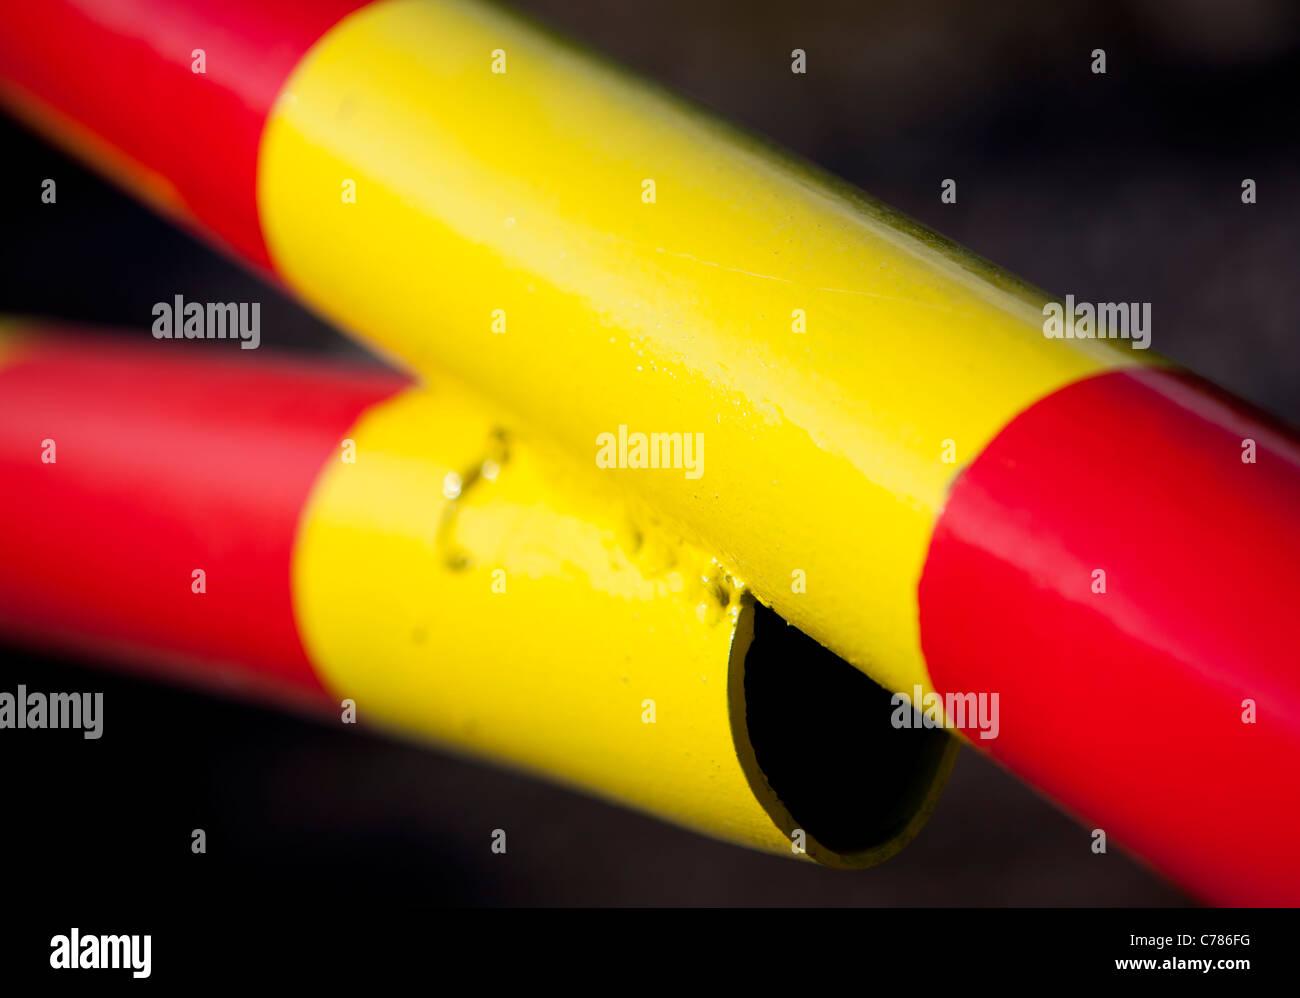 Primo piano di rosso e di giallo listati di braccio di metallo Immagini Stock